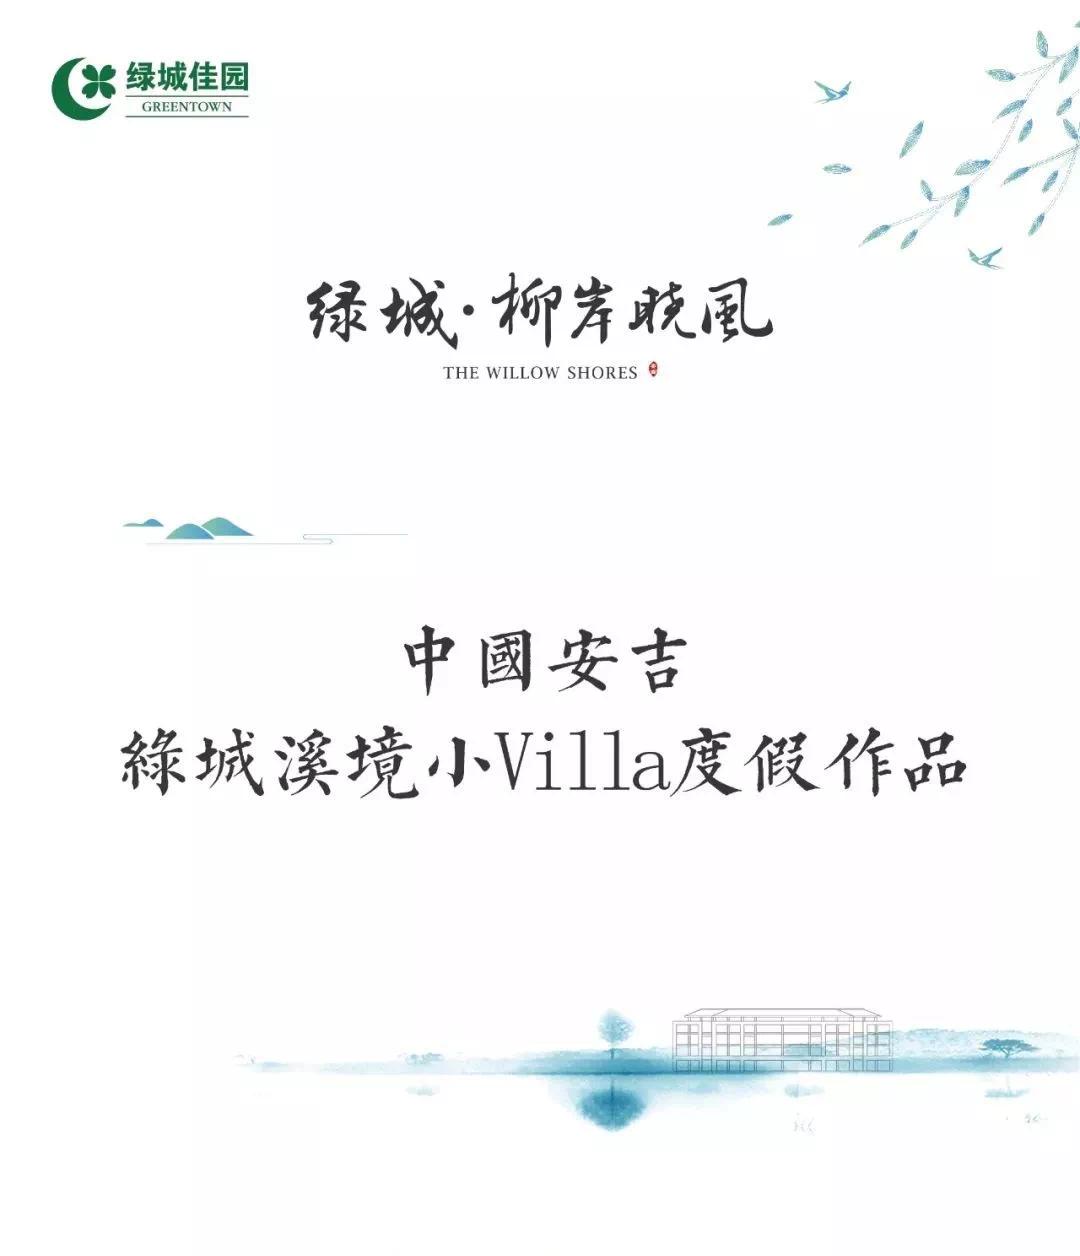 绿城·柳岸晓风│中国安吉 绿城溪境小Villa度假作品